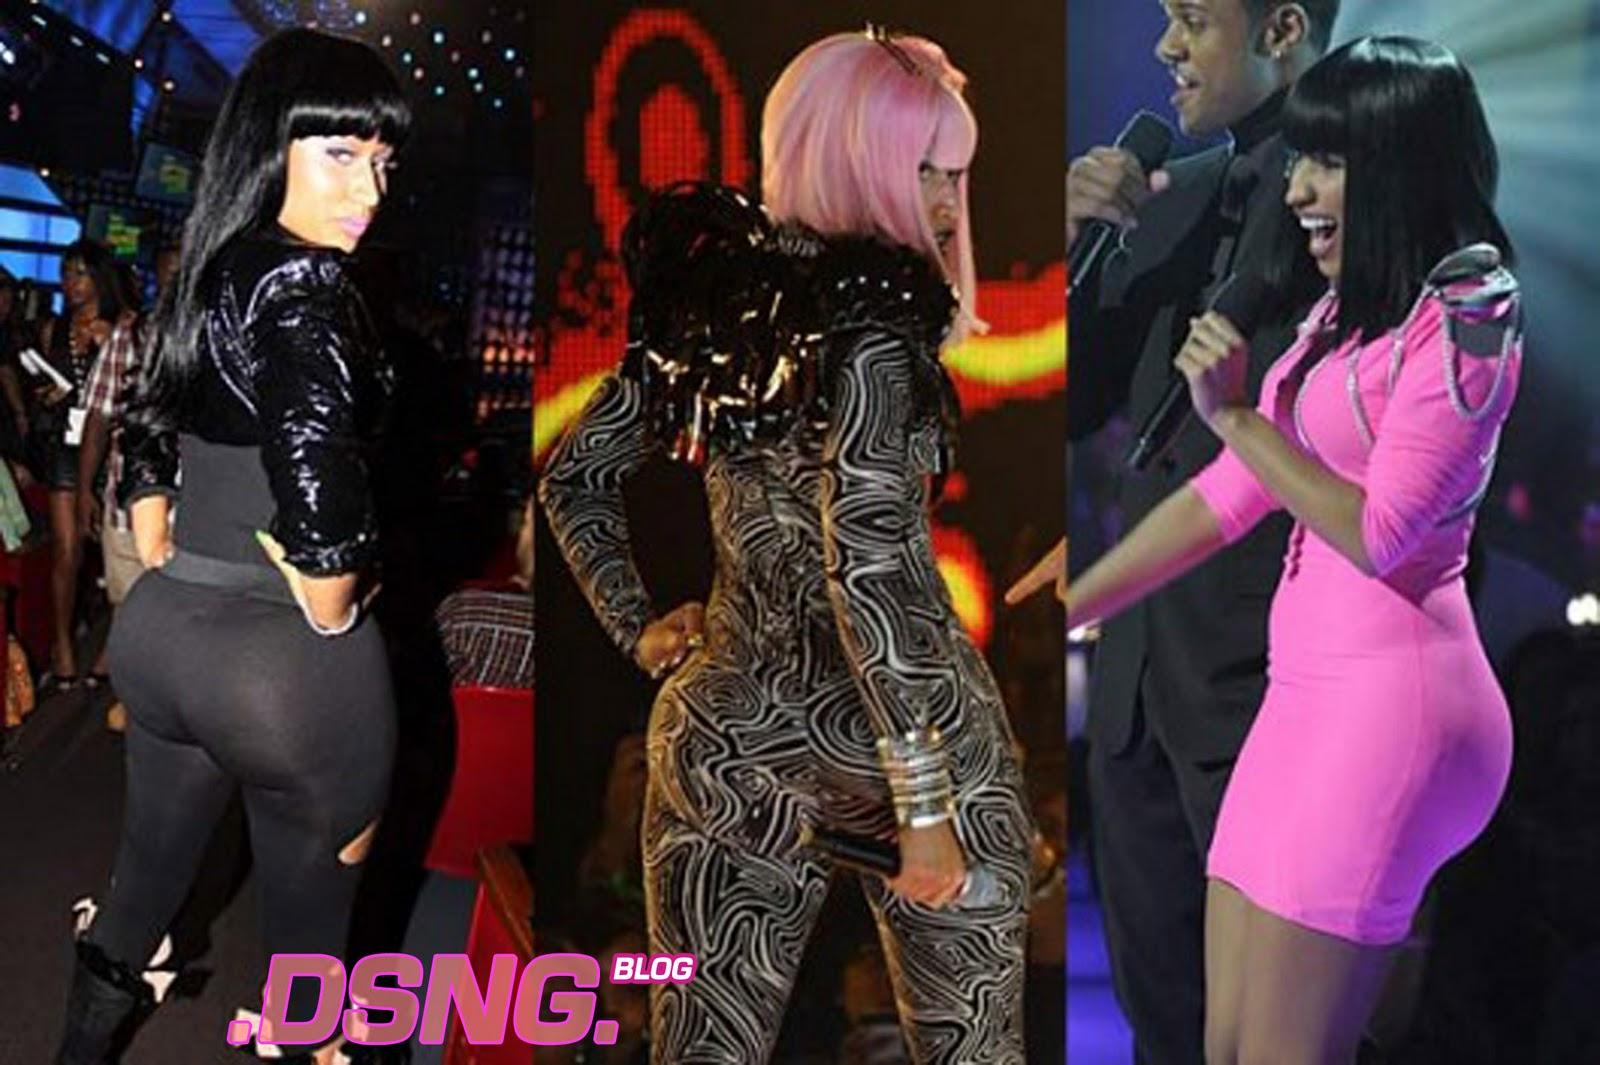 Surulere Presenting Nicki Minaj The Struggling Rapper